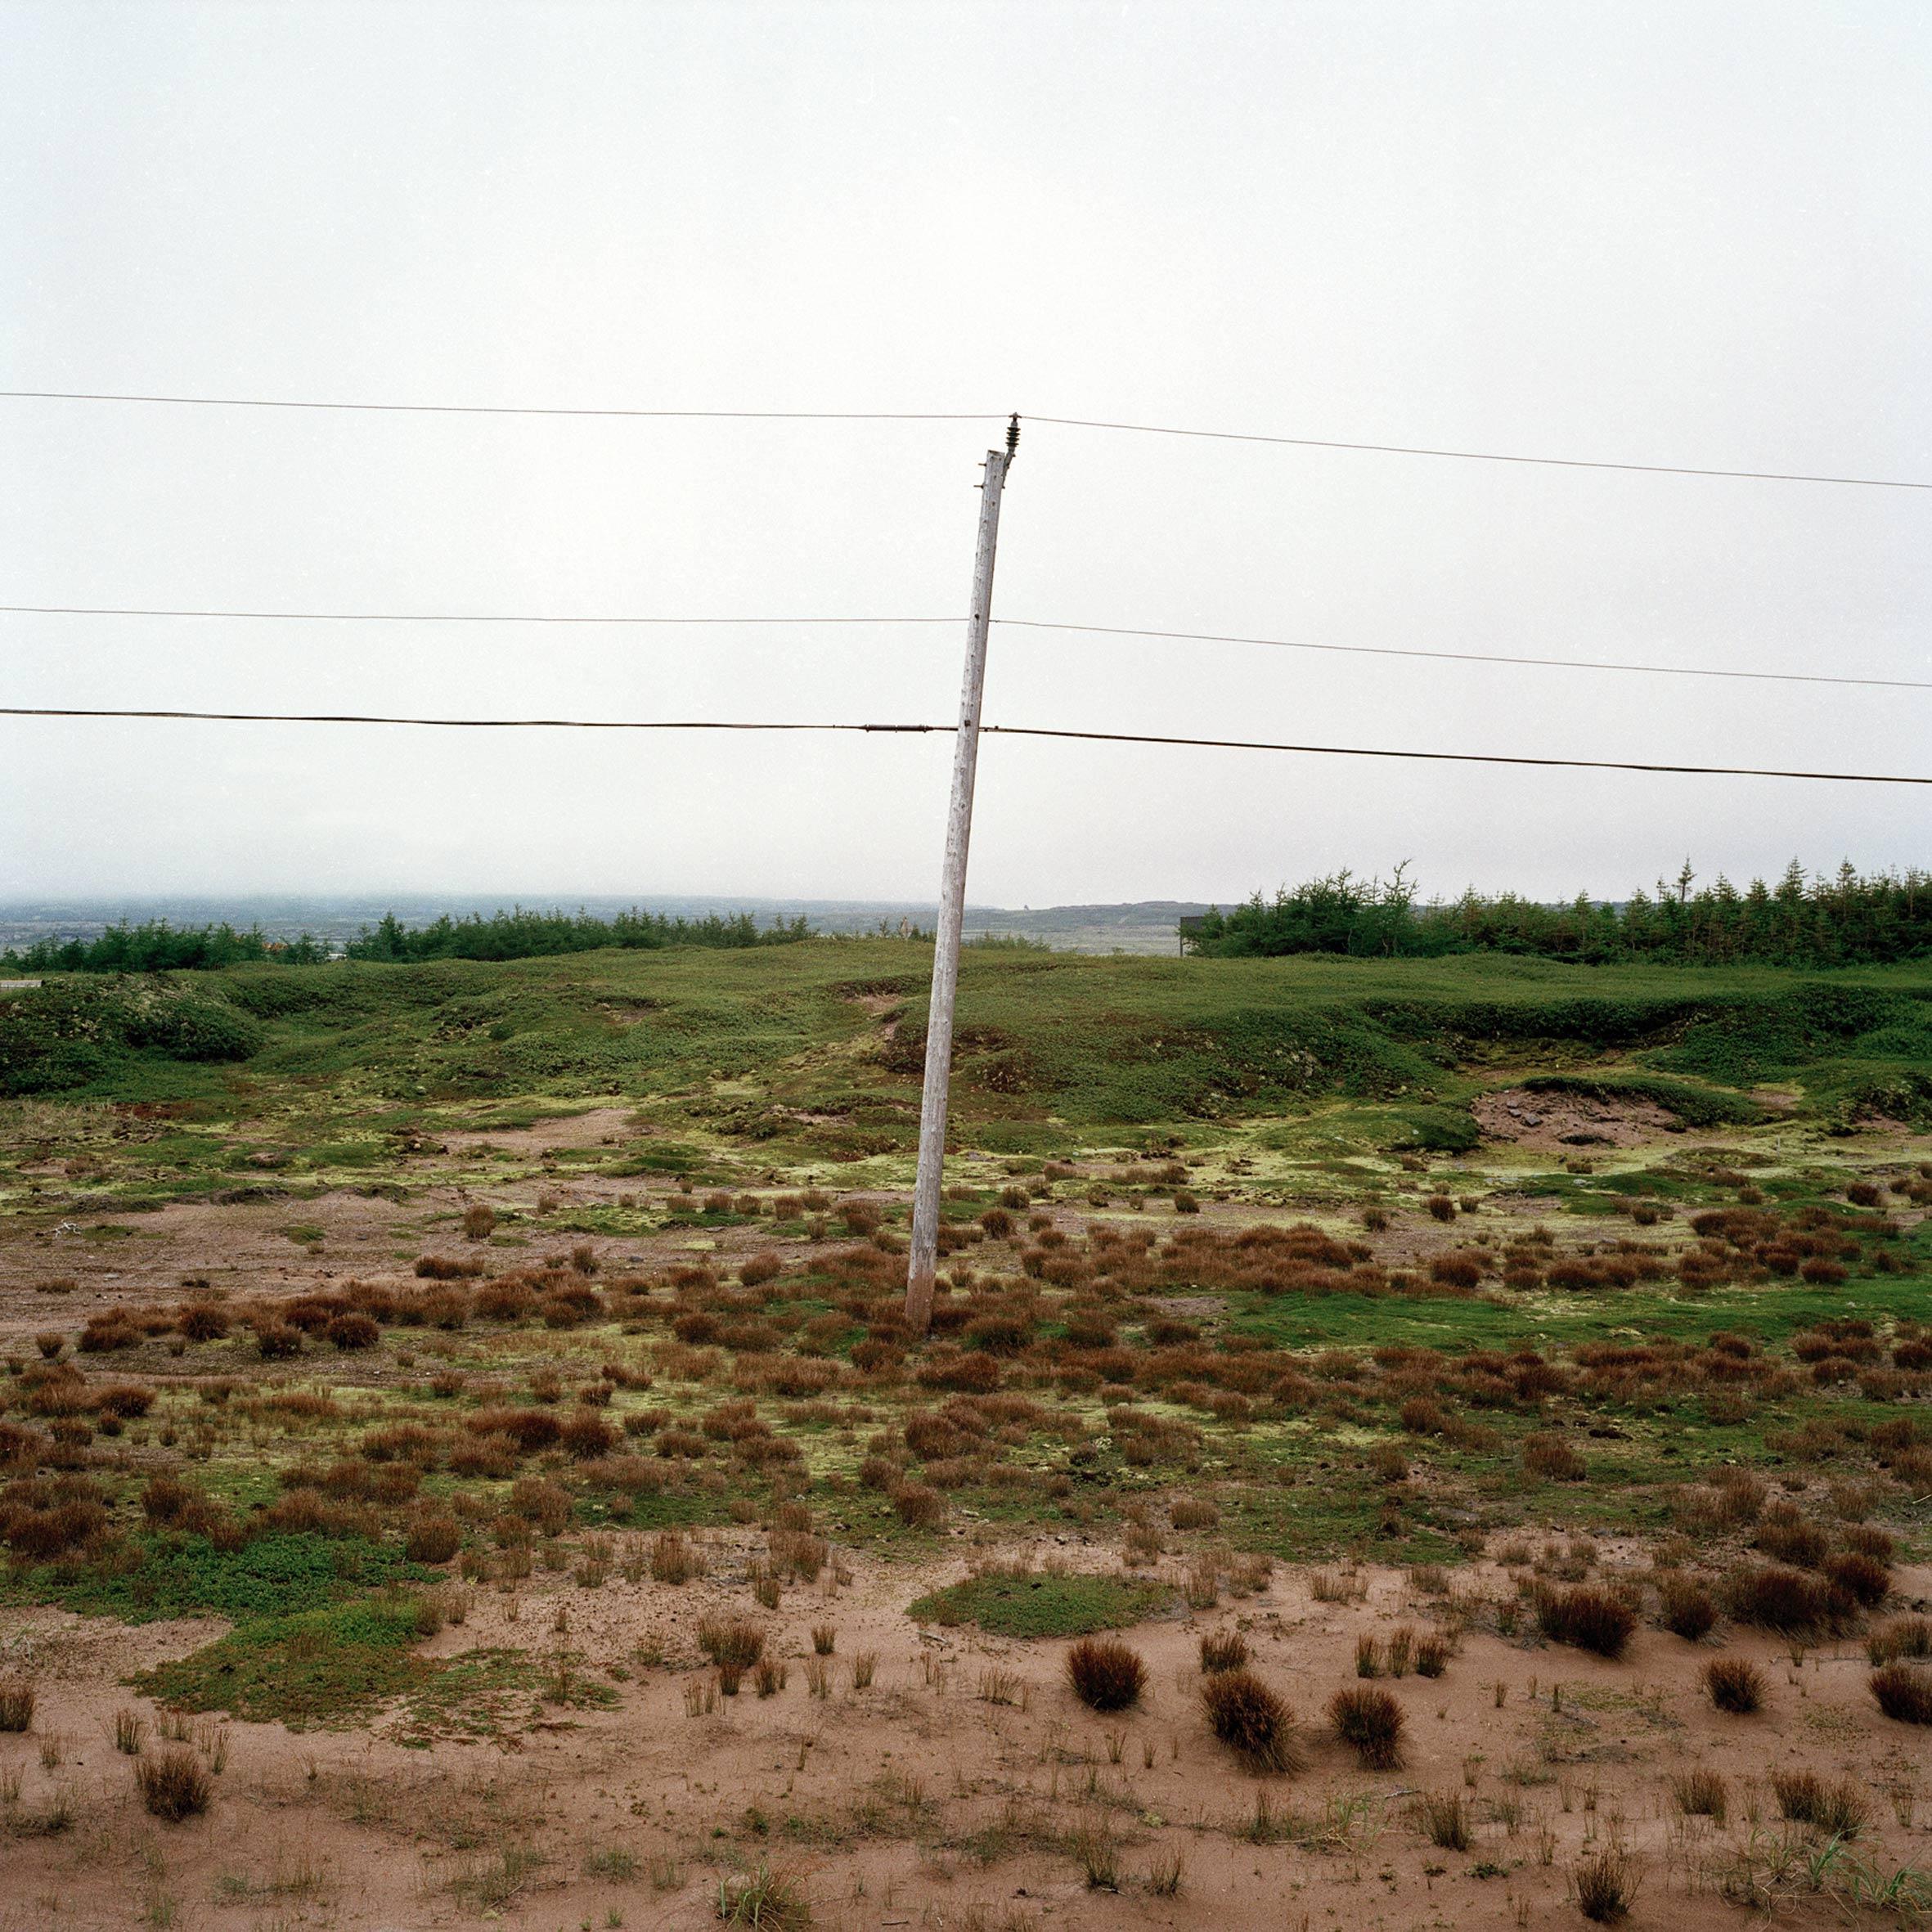 marcher créer, périple autobiographique, territoire du Labrador au Québec, paysage, désert, paysage désertique, poteau électrique, ciel